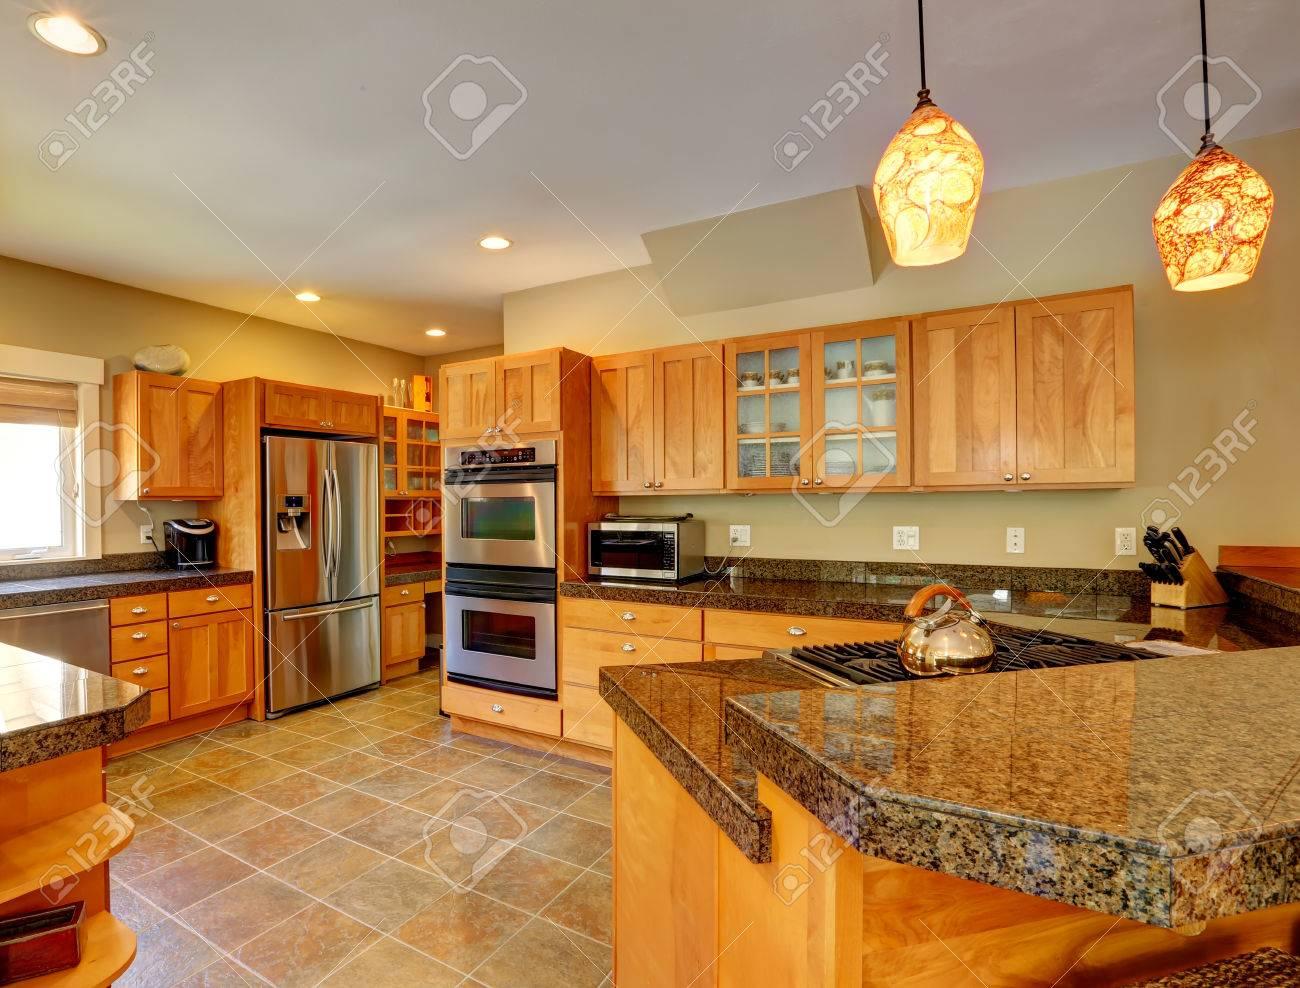 Geräumige Küche Zimmer Mit Fliesenboden, Holzschränke Und ...